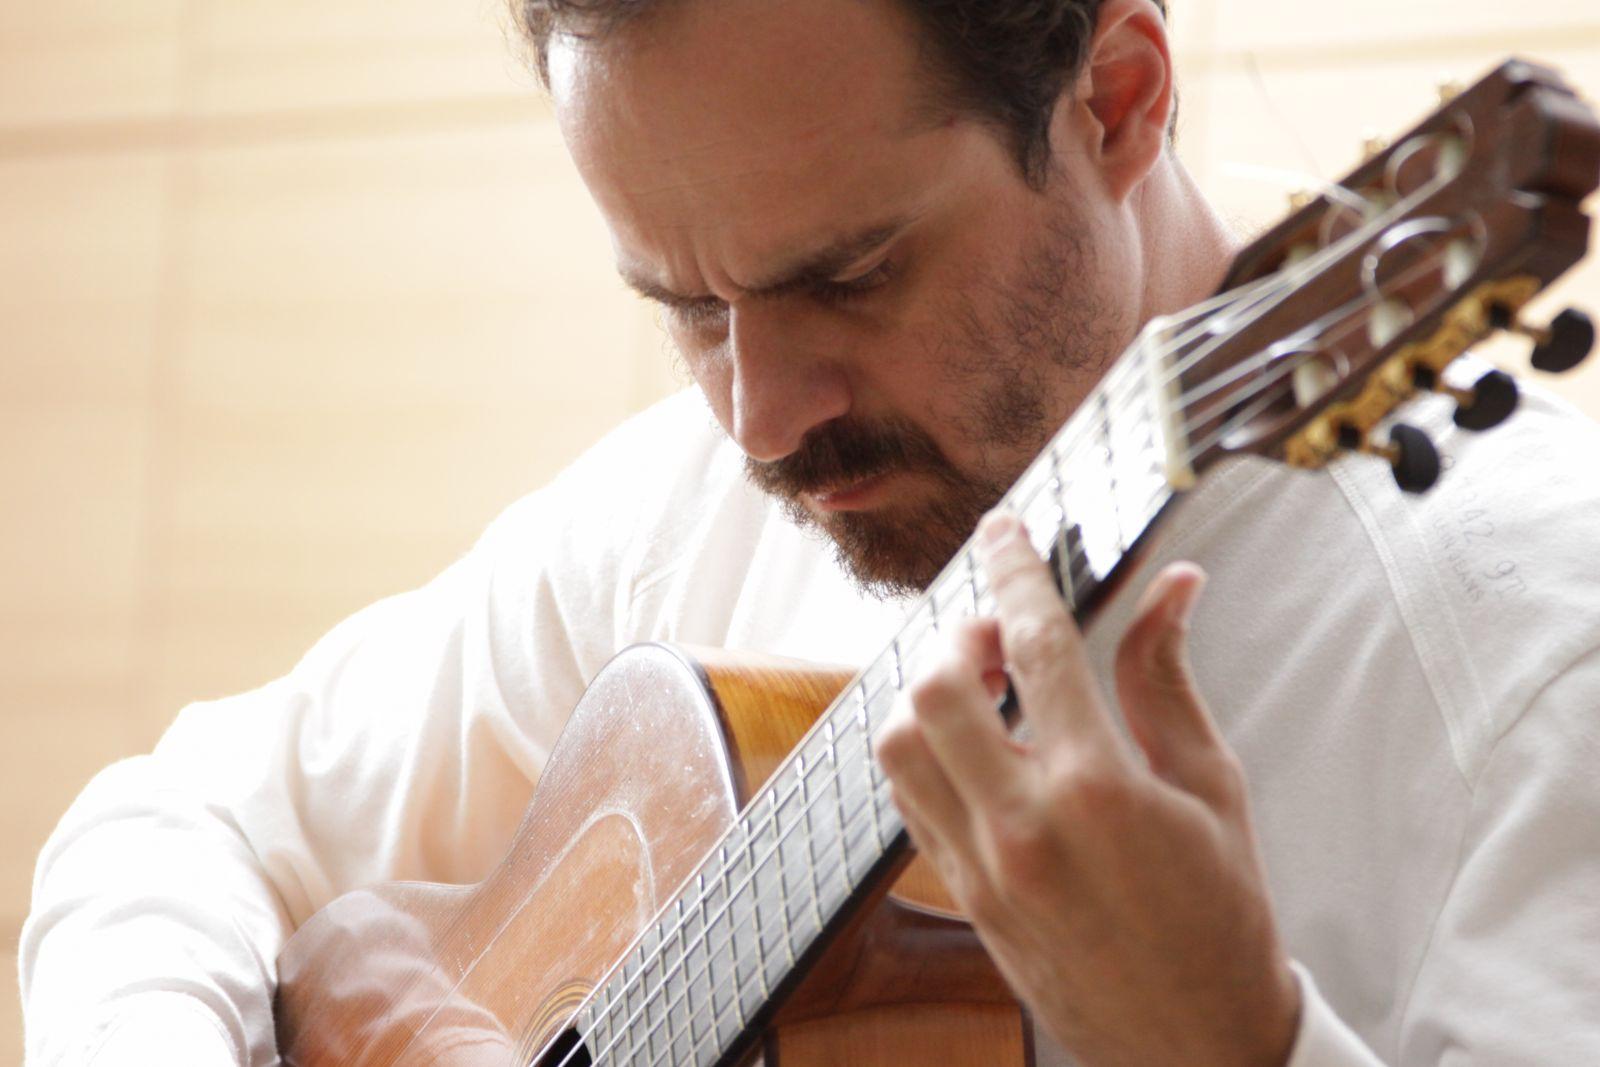 Tabajara Belo destaca como escreveu a música que ganhou o 2o lugar no Concurso Novas - Tabajara Belo